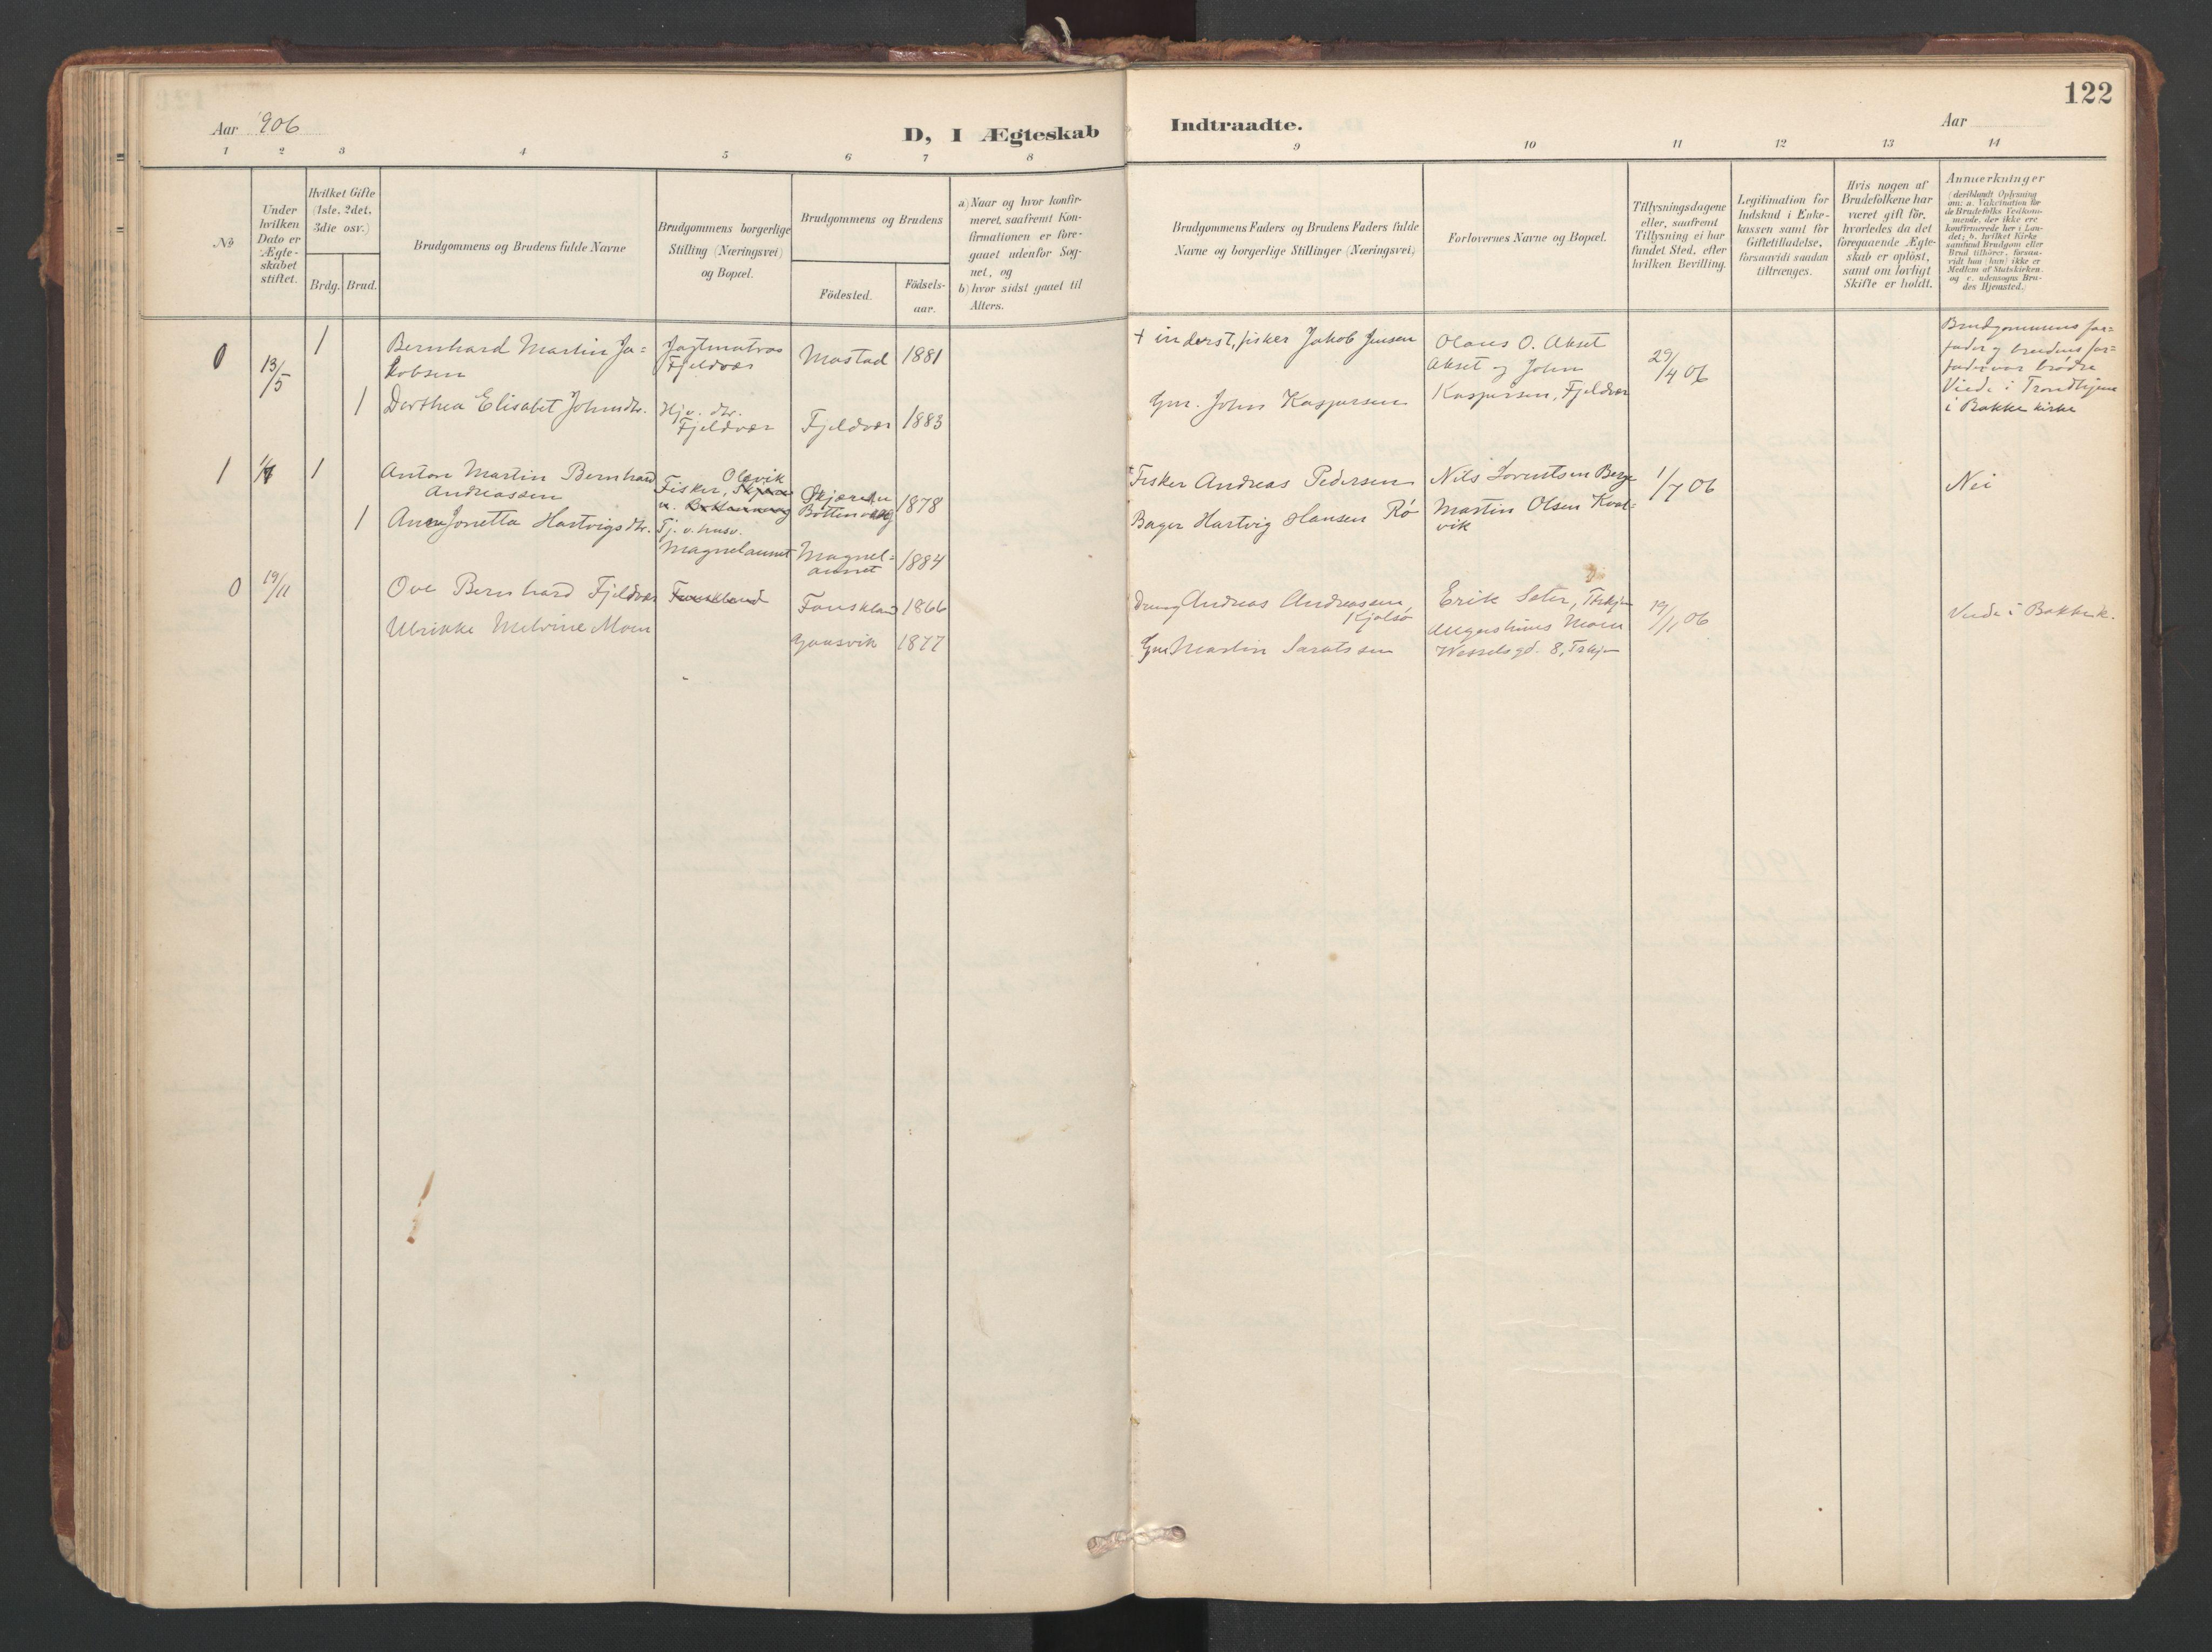 SAT, Ministerialprotokoller, klokkerbøker og fødselsregistre - Sør-Trøndelag, 638/L0568: Ministerialbok nr. 638A01, 1901-1916, s. 122